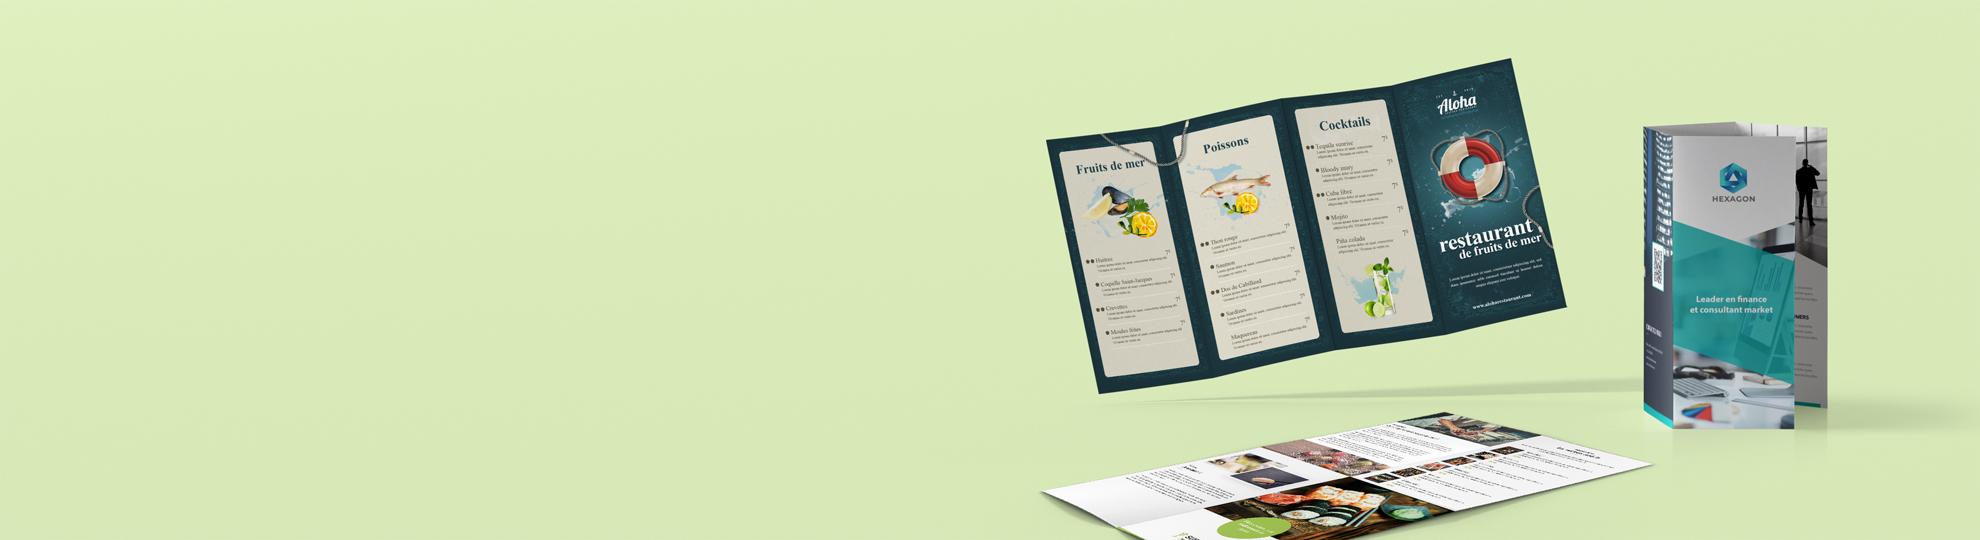 Imprimer dépliant publicitaire envoi express